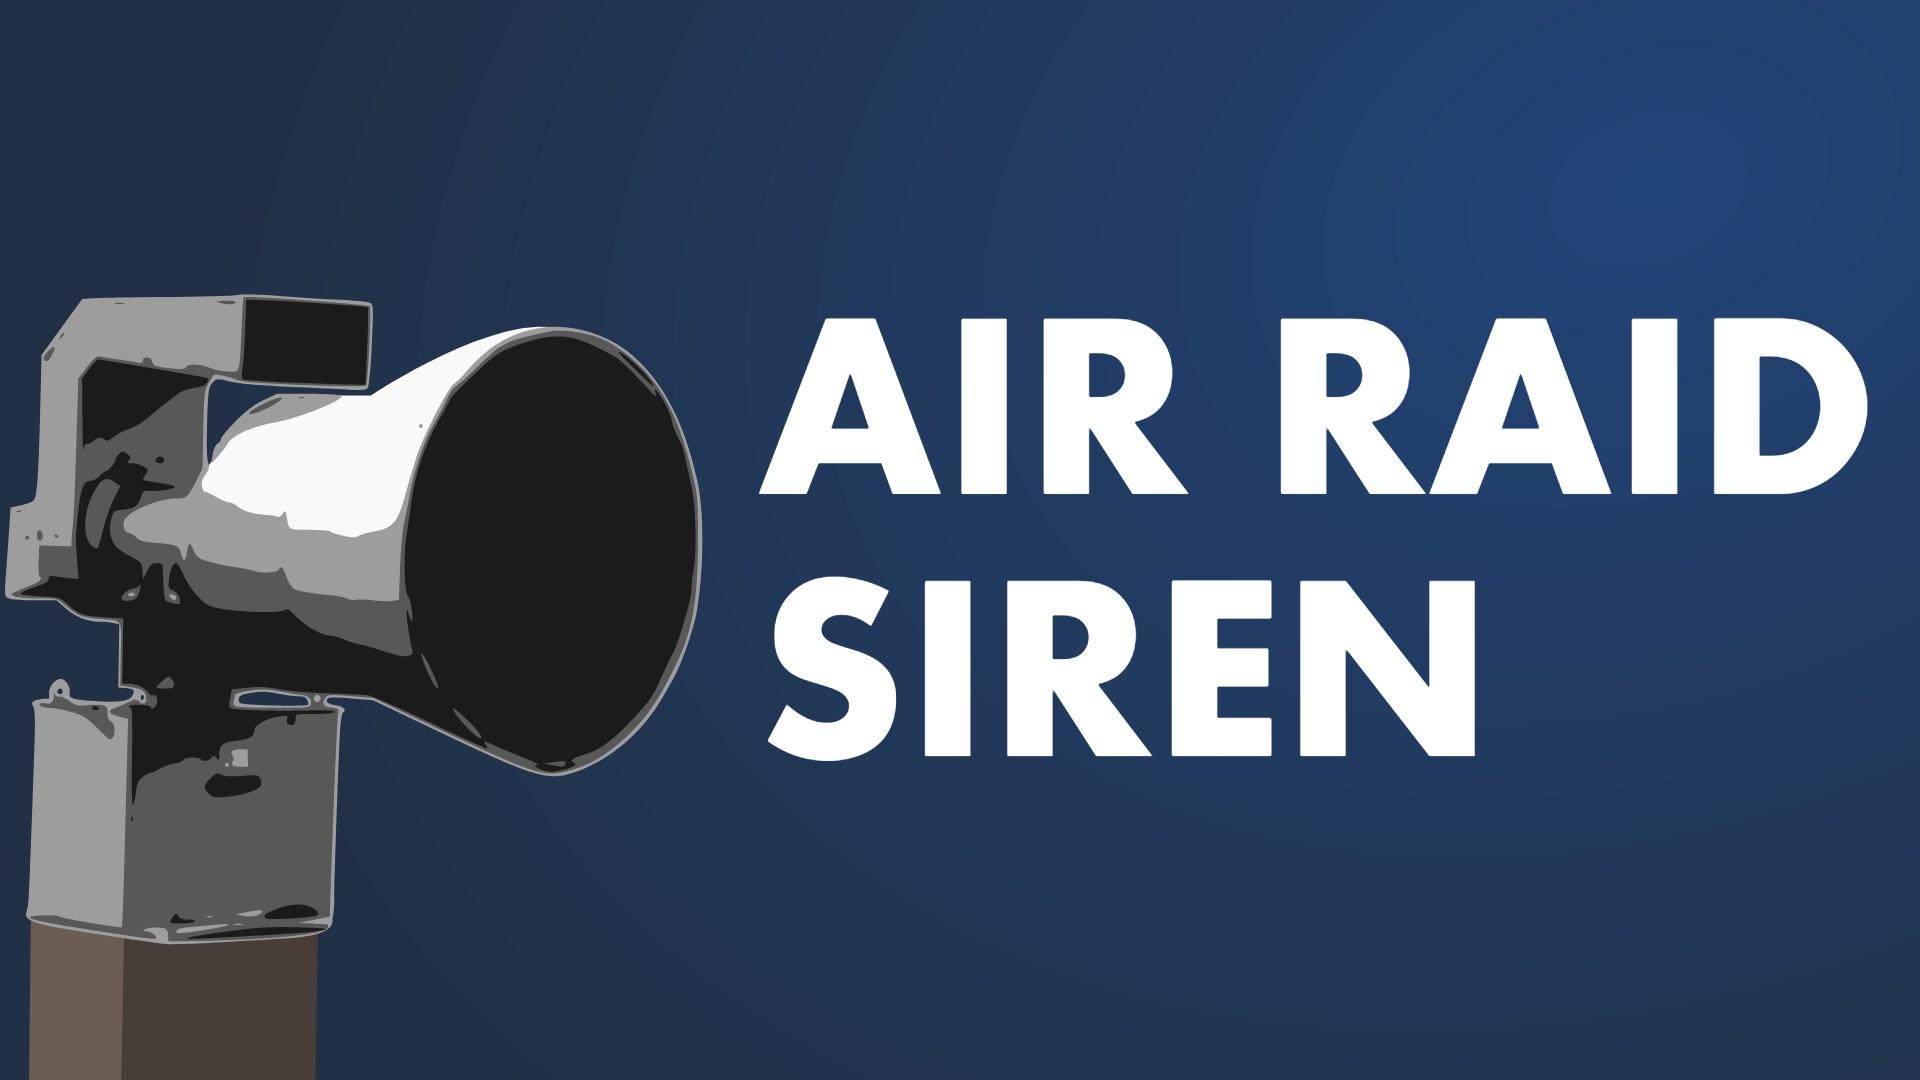 Get Air Raid Siren - Microsoft Store